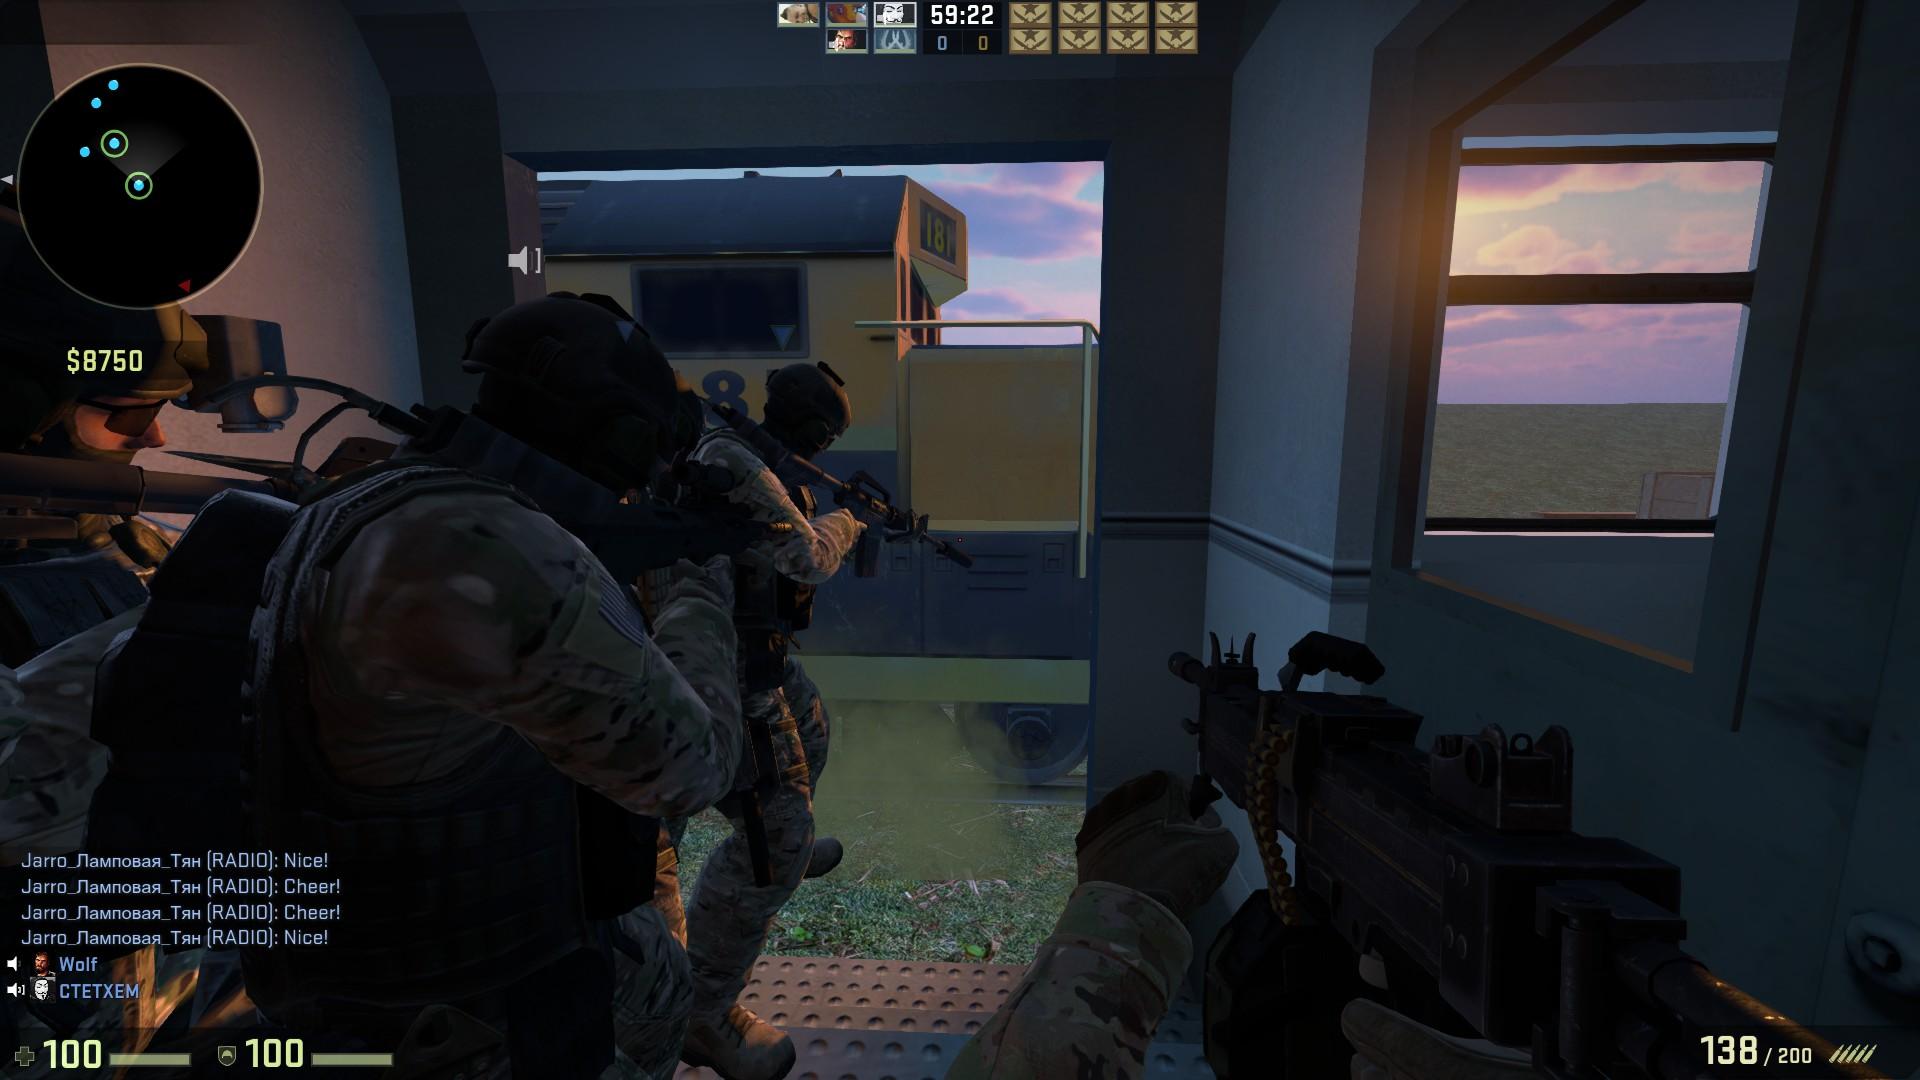 Скачать карту coop_mission_rush для CS:GO бесплатно